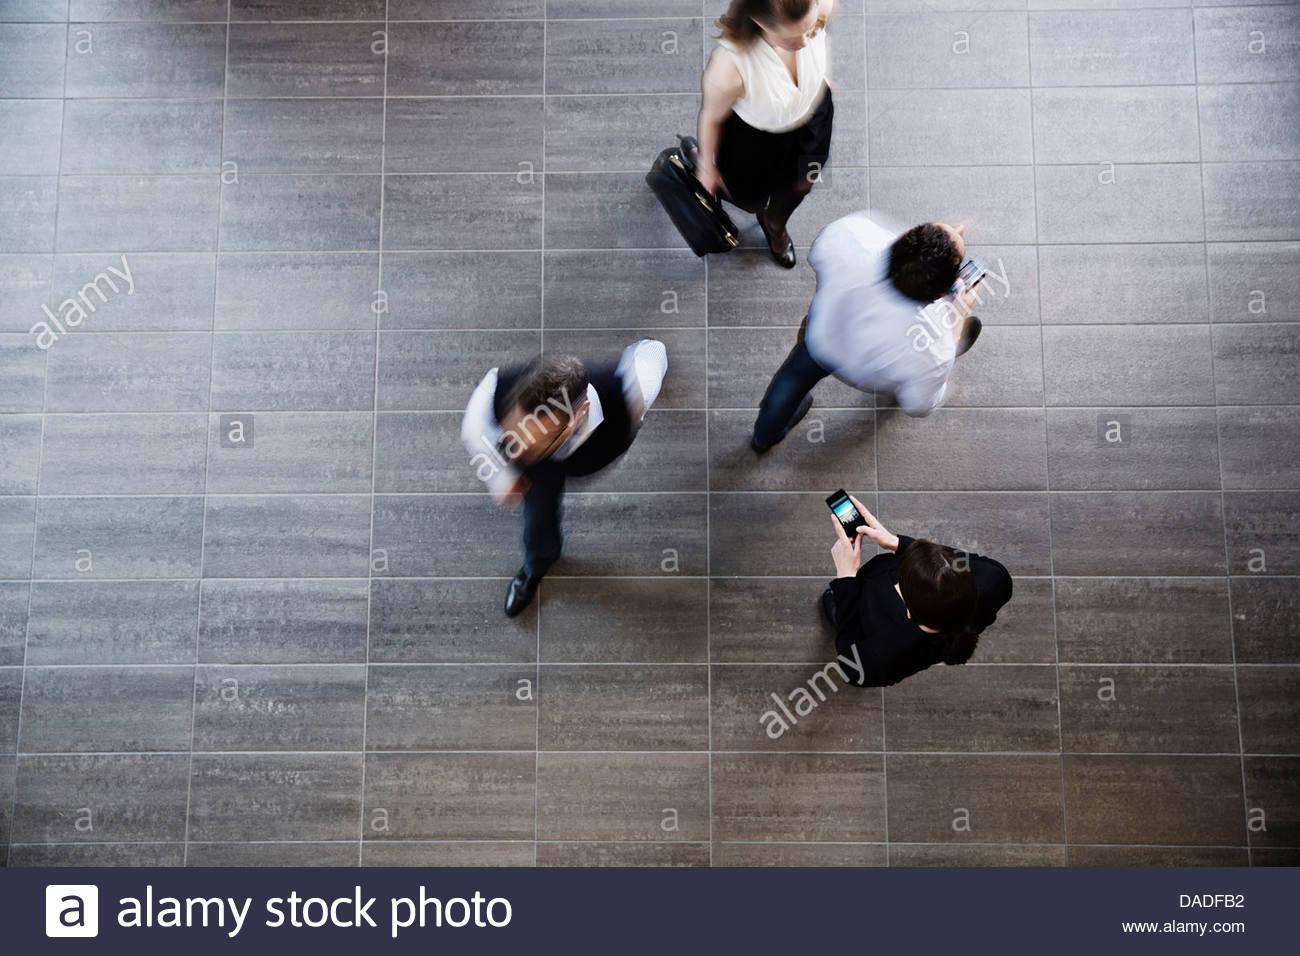 Four people walking away - Stock Image